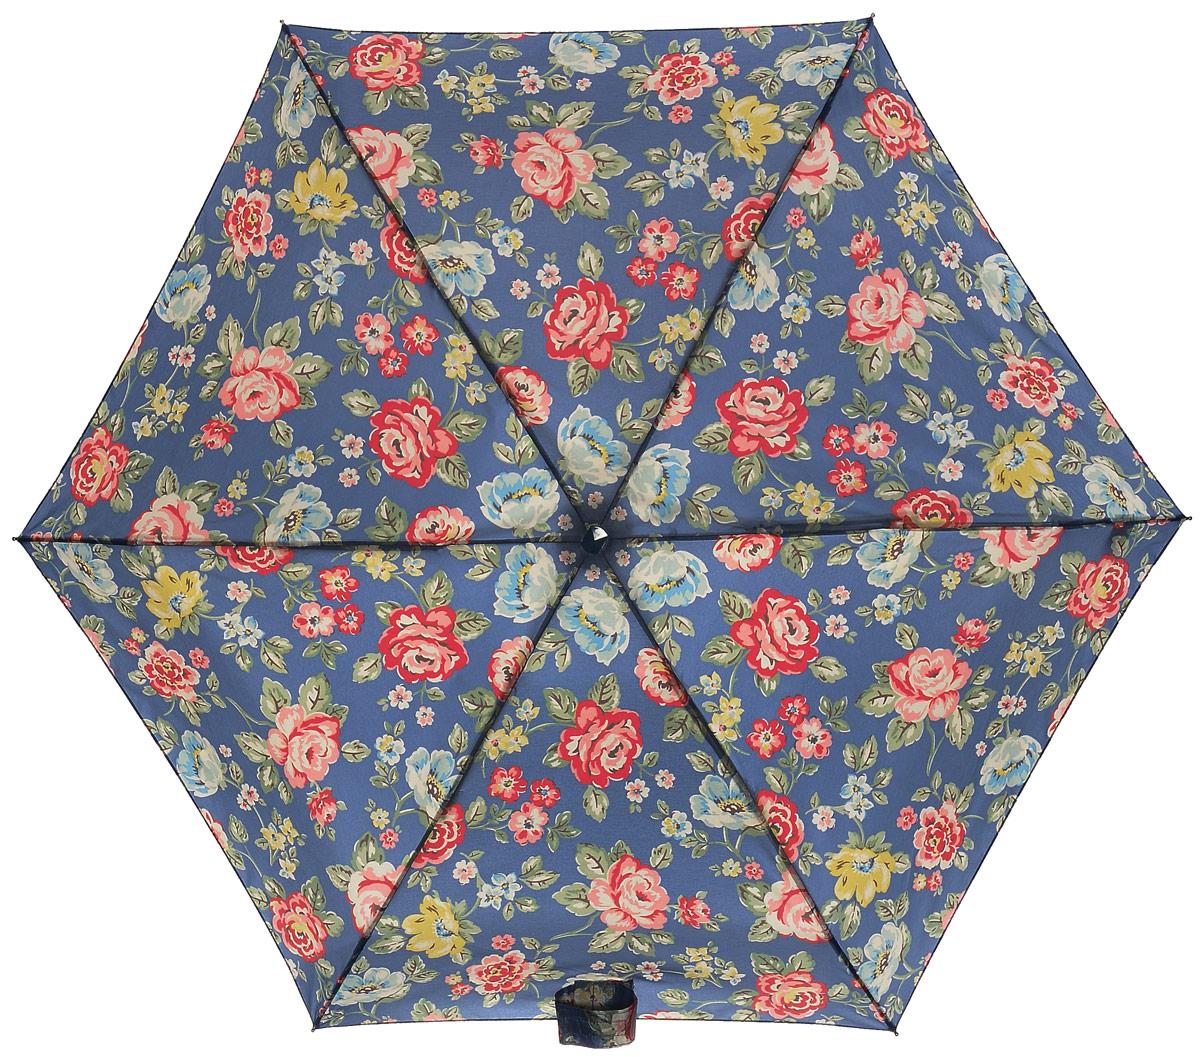 Зонт женский механика Cath Kidston Fulton, расцветка: розы. L521-2947 RainbowRoseL521-2947 RainbowRoseПрочный, необыкновенно компактный зонт, который с легкостью поместится в маленькую сумочку. Удобный плоский чехол. Облегченный алюминиевый каркас с элементами из фибергласса. Ветроустойчивая конструкция. Размеры зонта в сложенном виде 15смх6смх3см, диаметр купола 87 см.